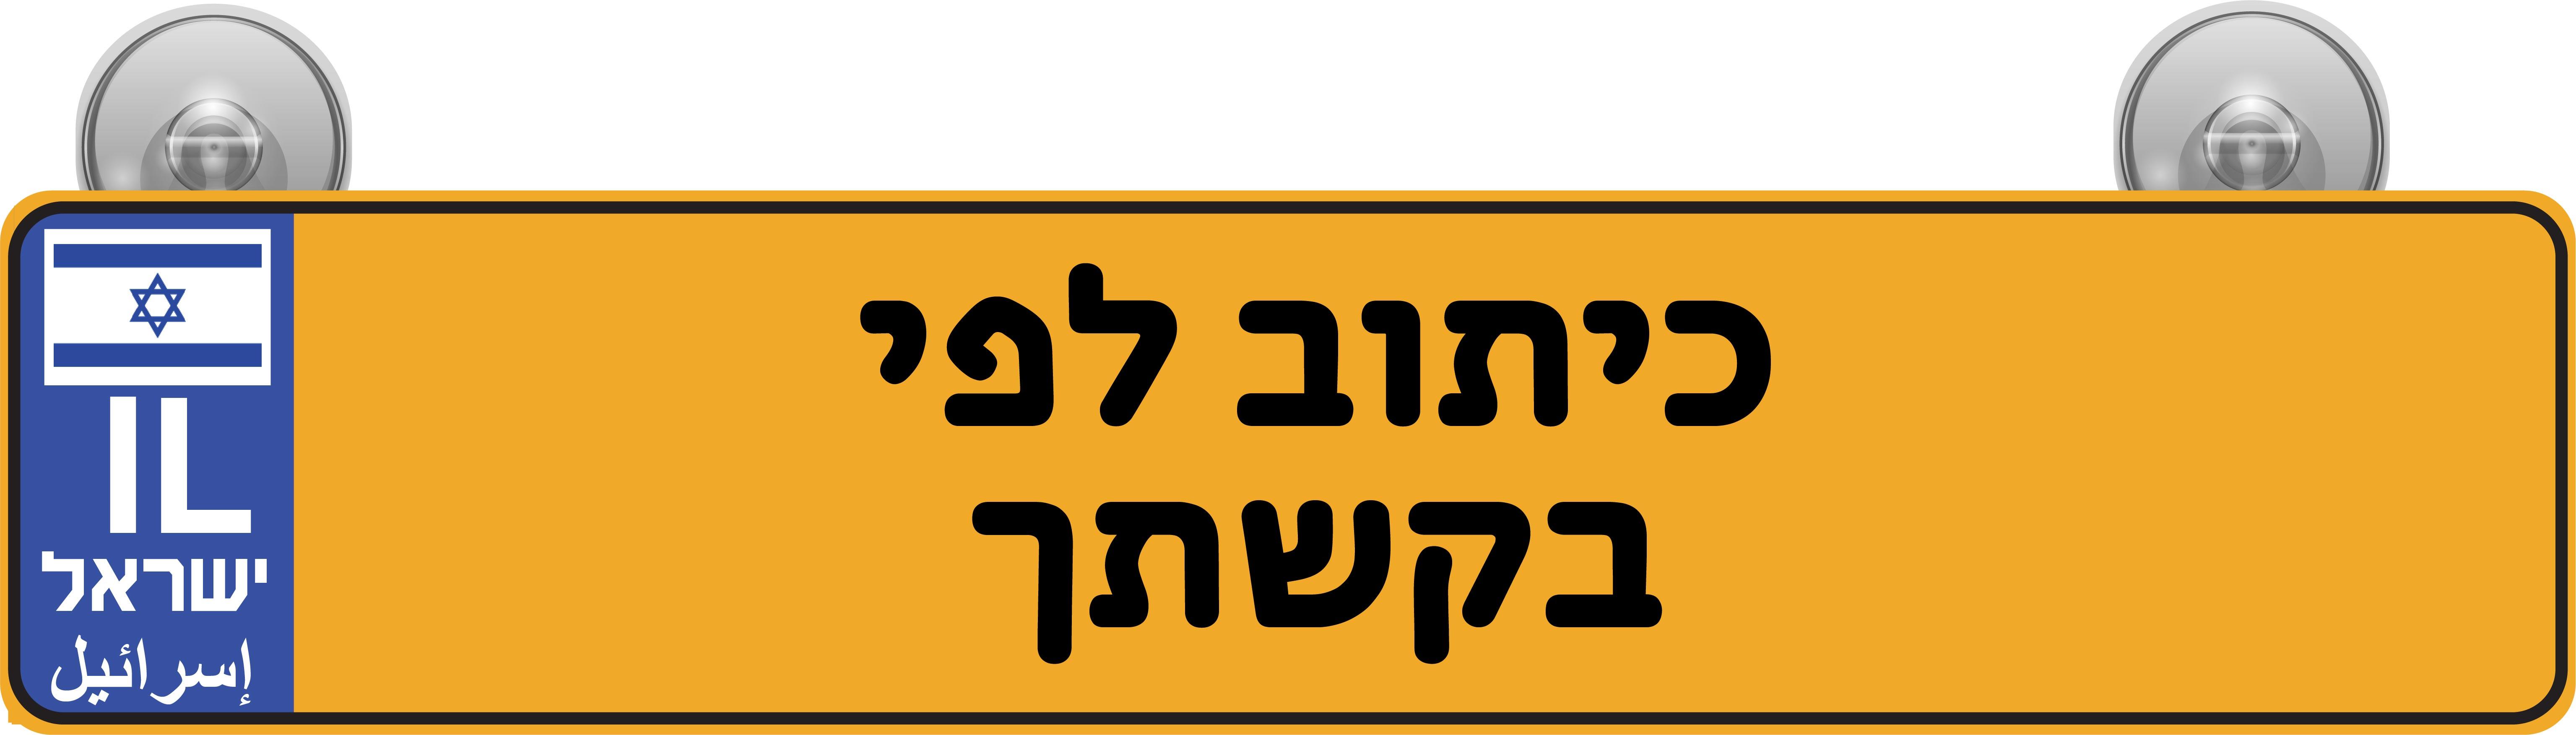 לוחית רישוי צהובה עם דגל 11/52 ס''מ + 2 פומיות גדולות 60 מ''מ